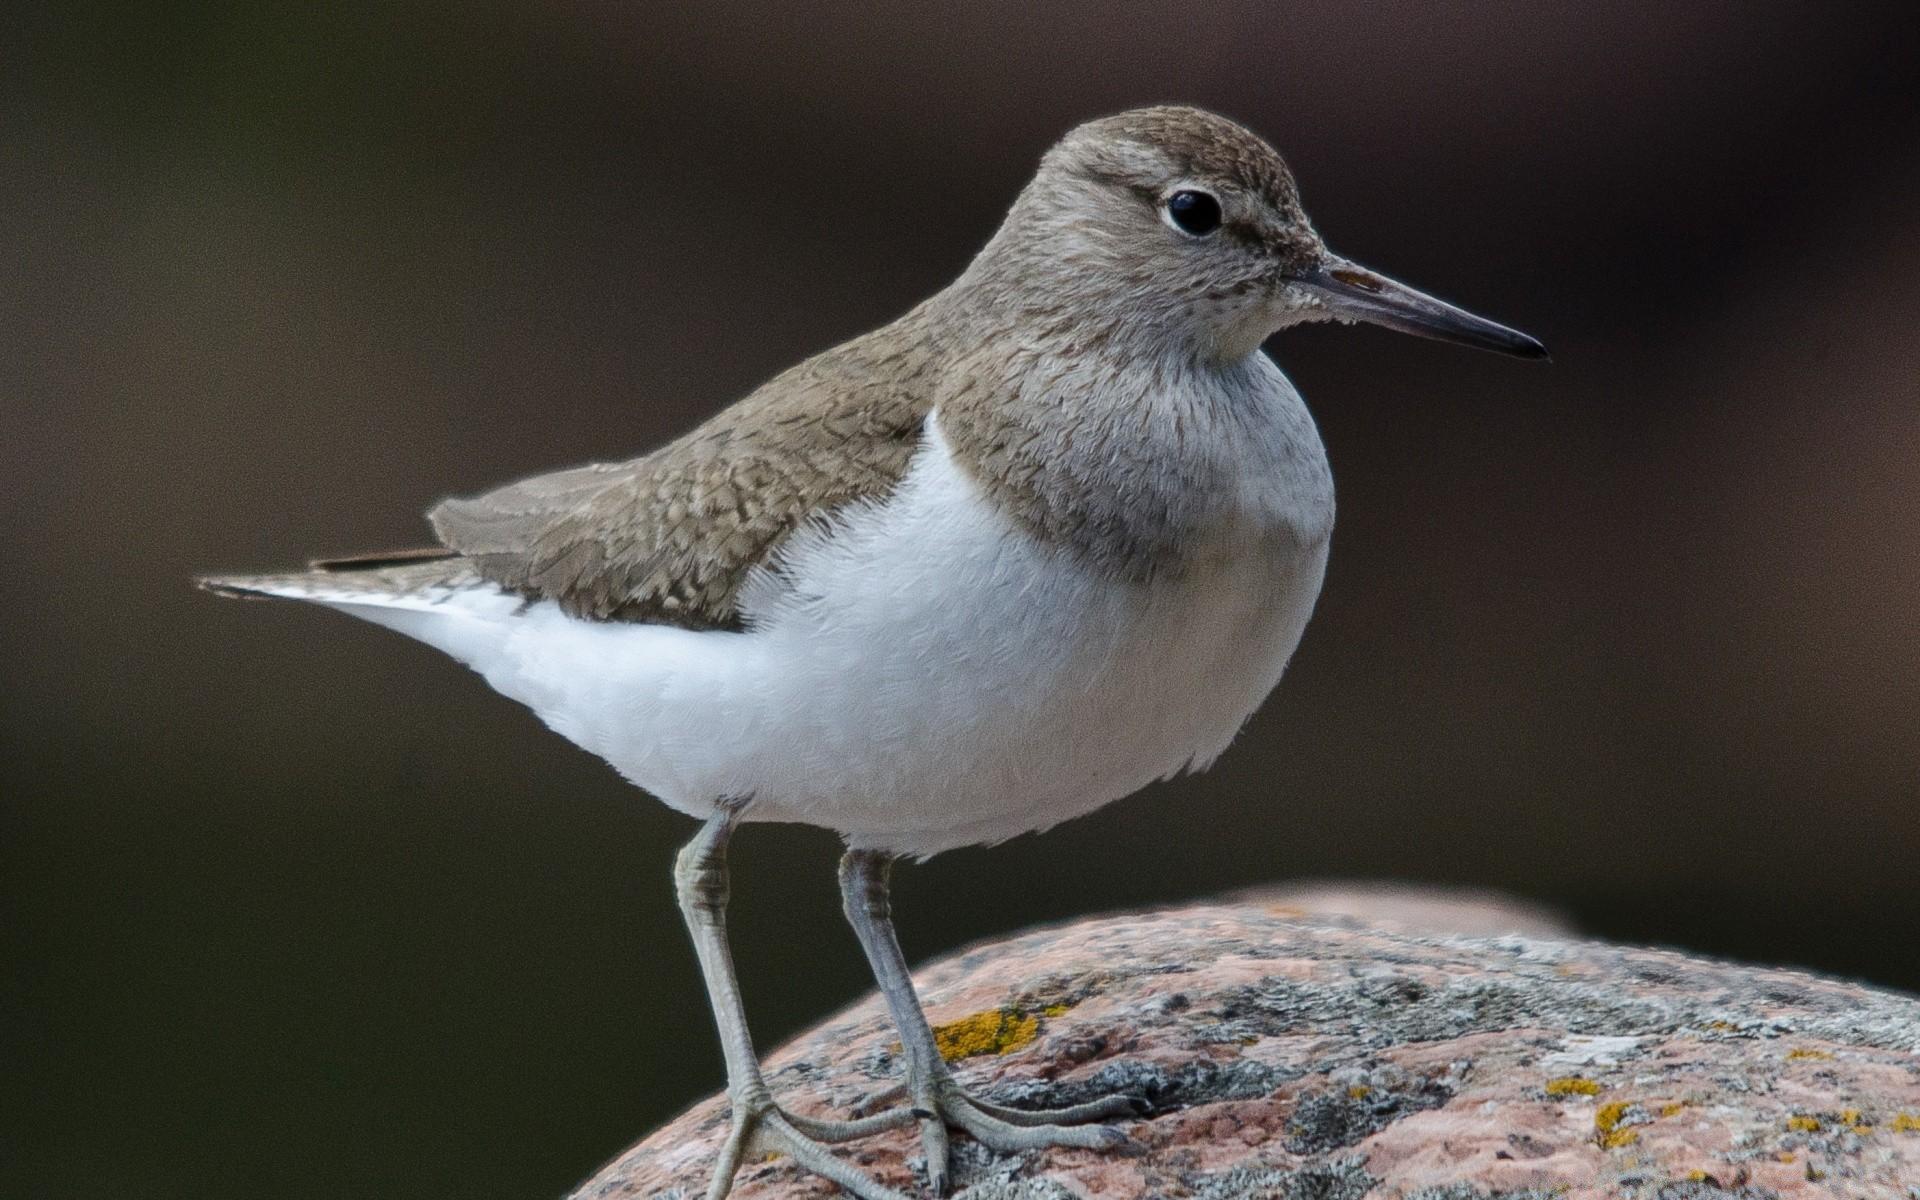 фото и названия птиц с длинным клювом большое